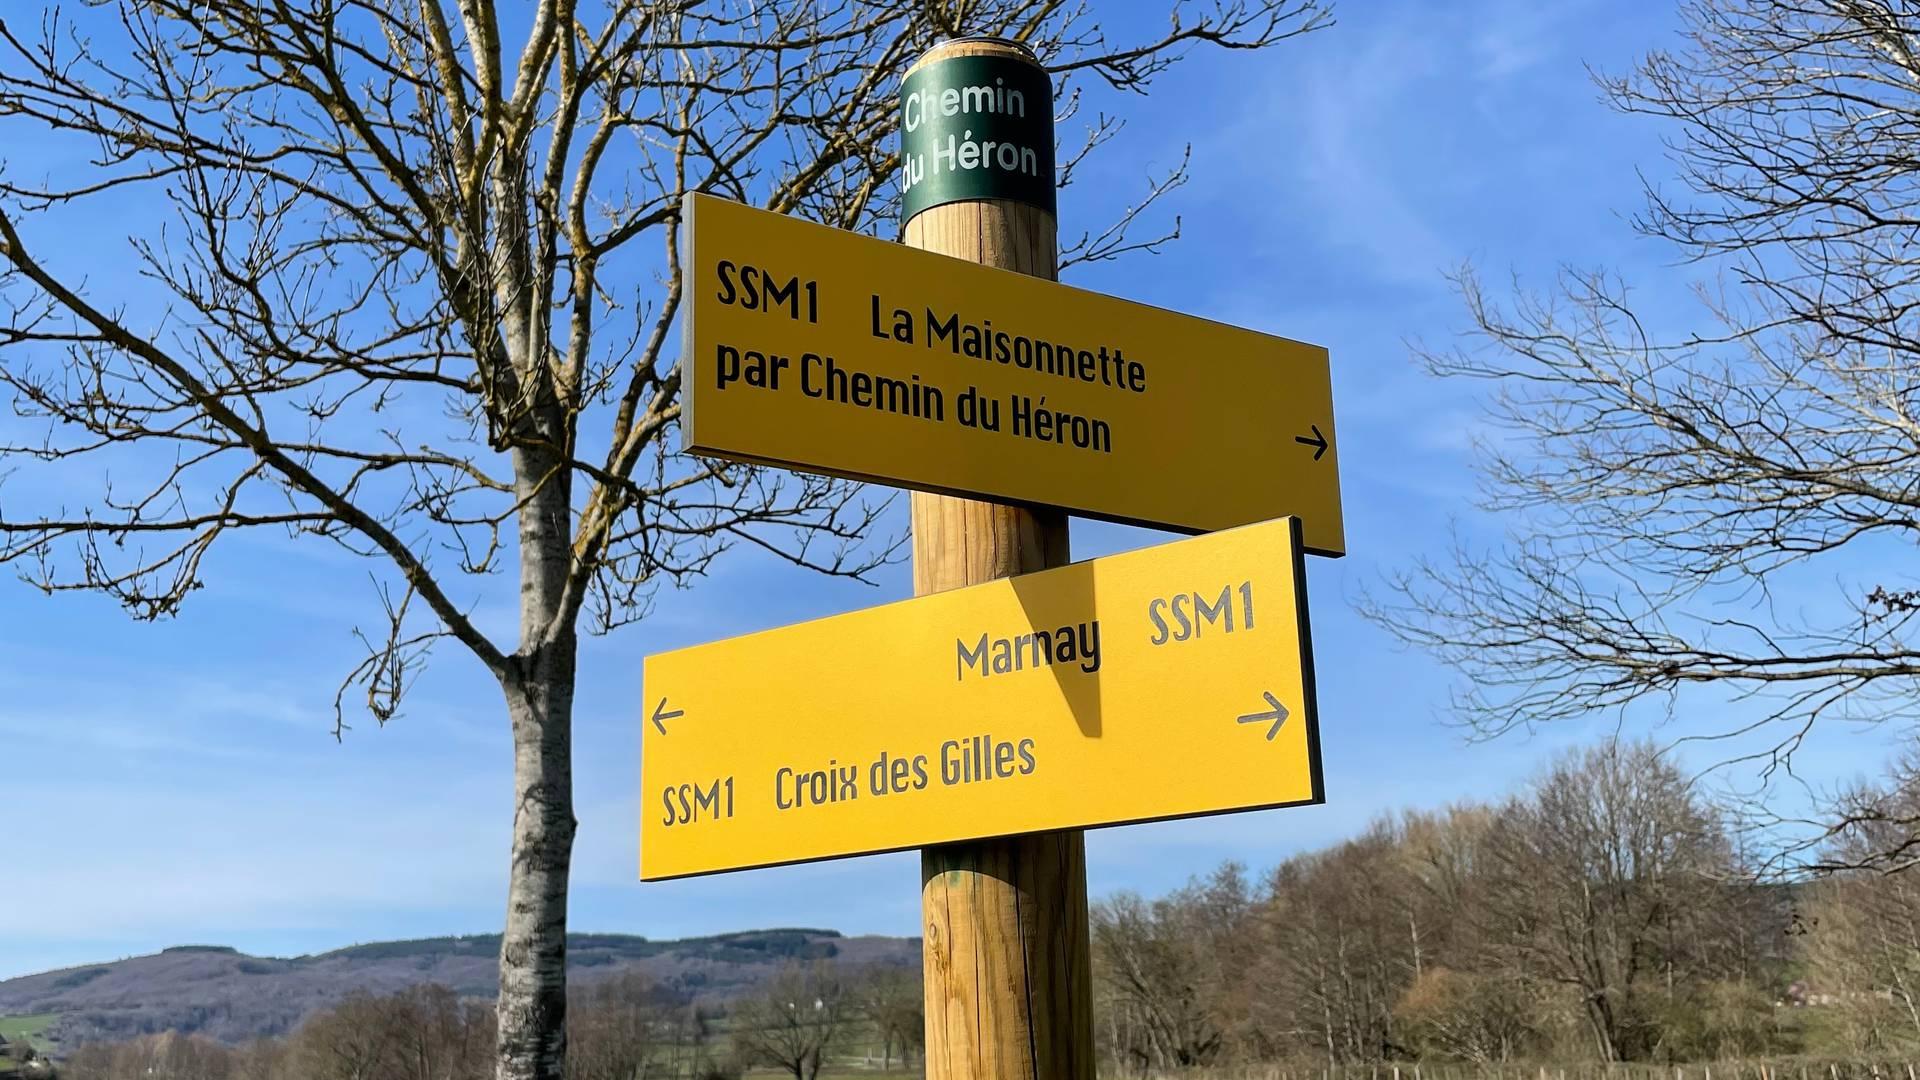 Balisage d'une Balade verte. © Creusot Montceau Tourisme.